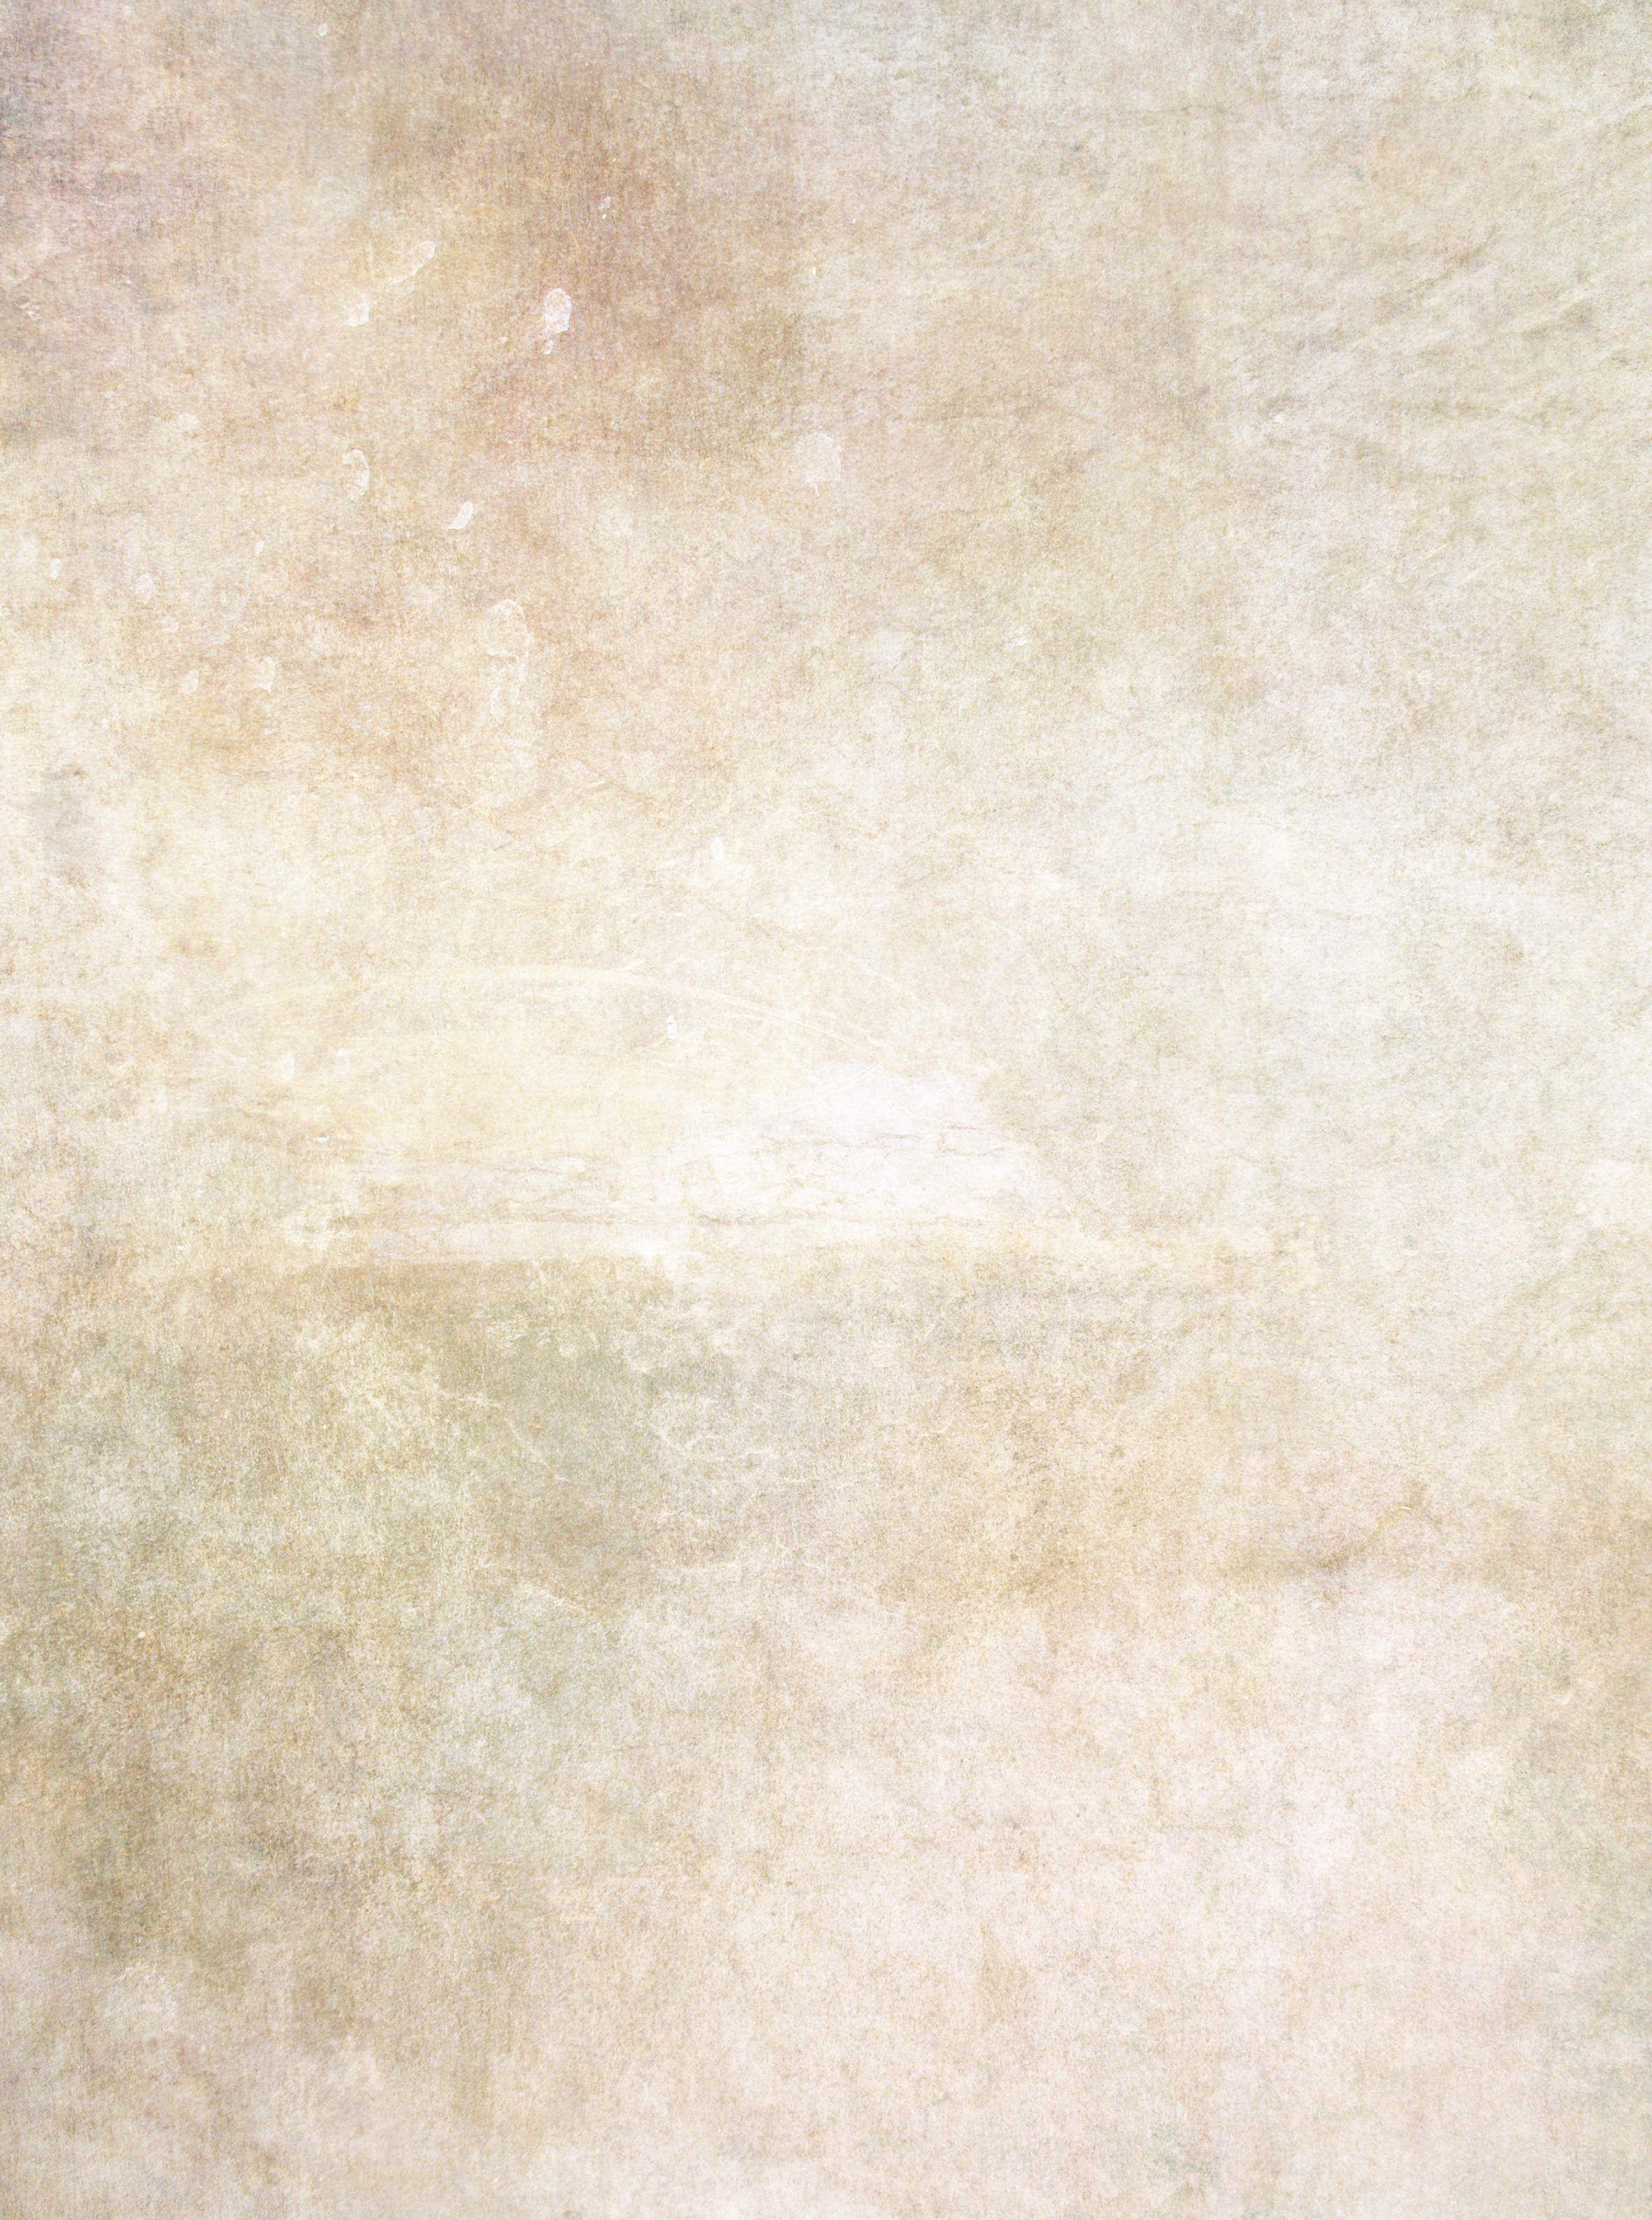 Subtle Grunge Texture Grunge Textures